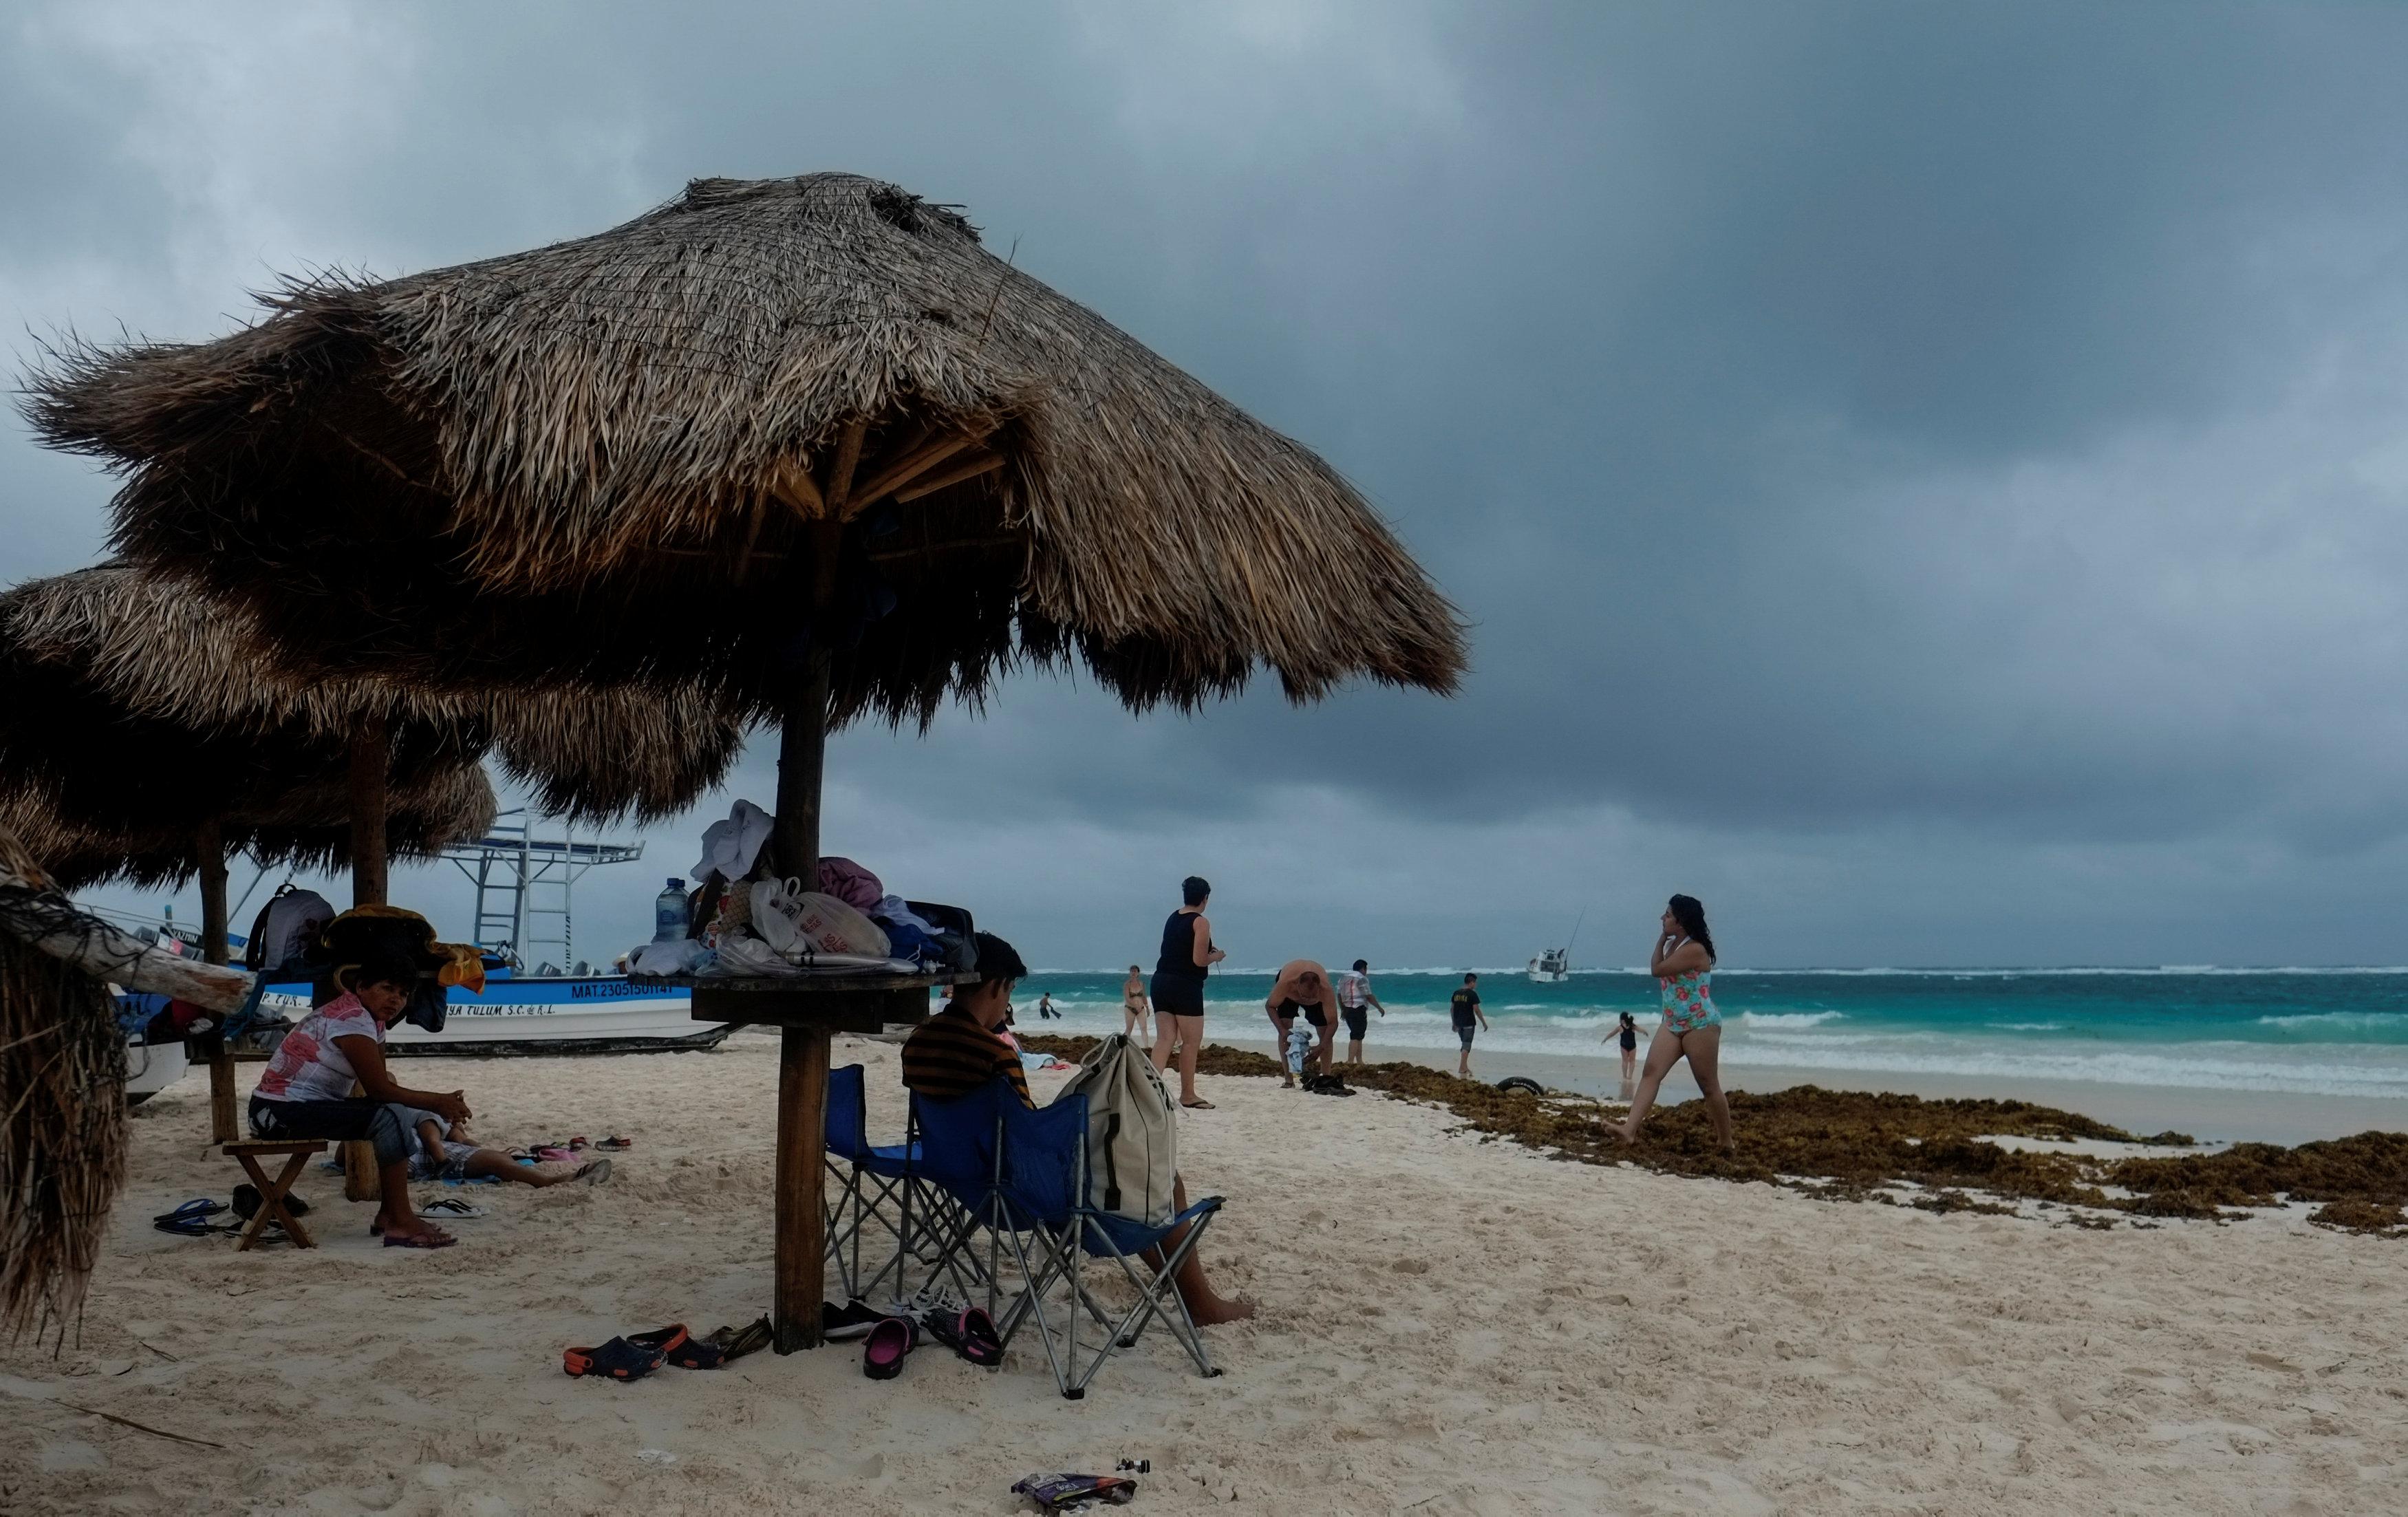 VENEZUELA: Tormenta tropical Franklin comienza a formarse en el Caribe